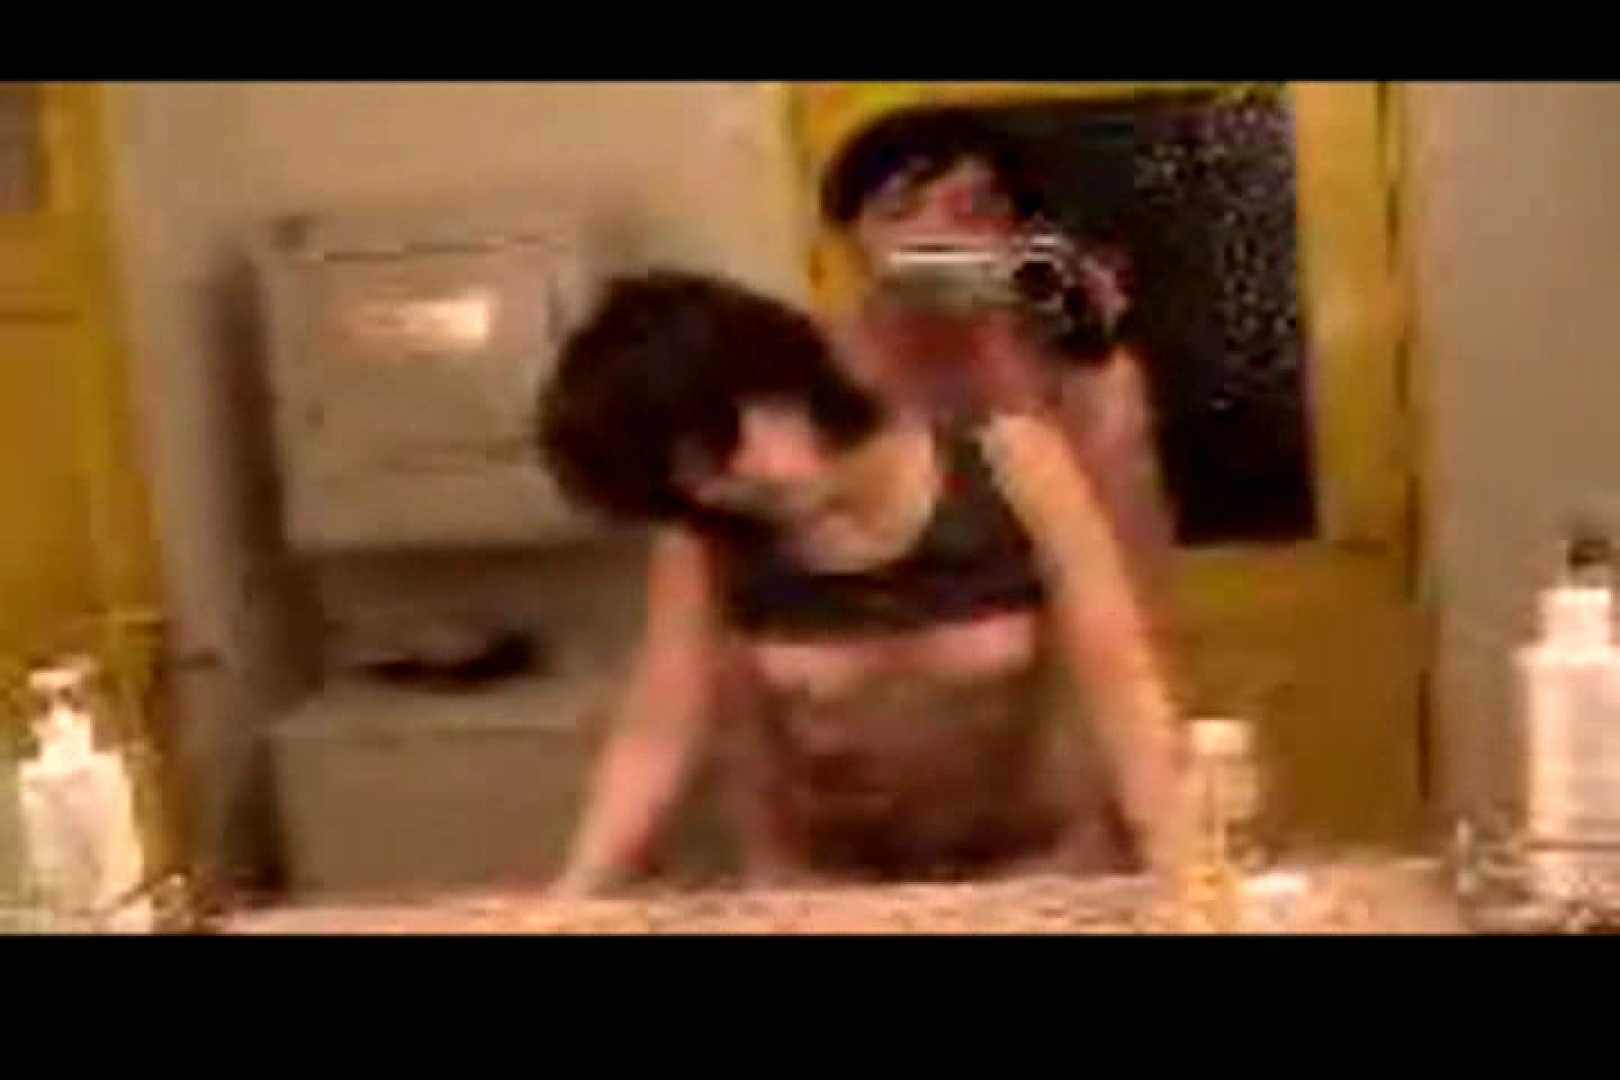 ウイルス流出 ロ●ム京都 青木恭子 セックス のぞき動画画像 74連発 54